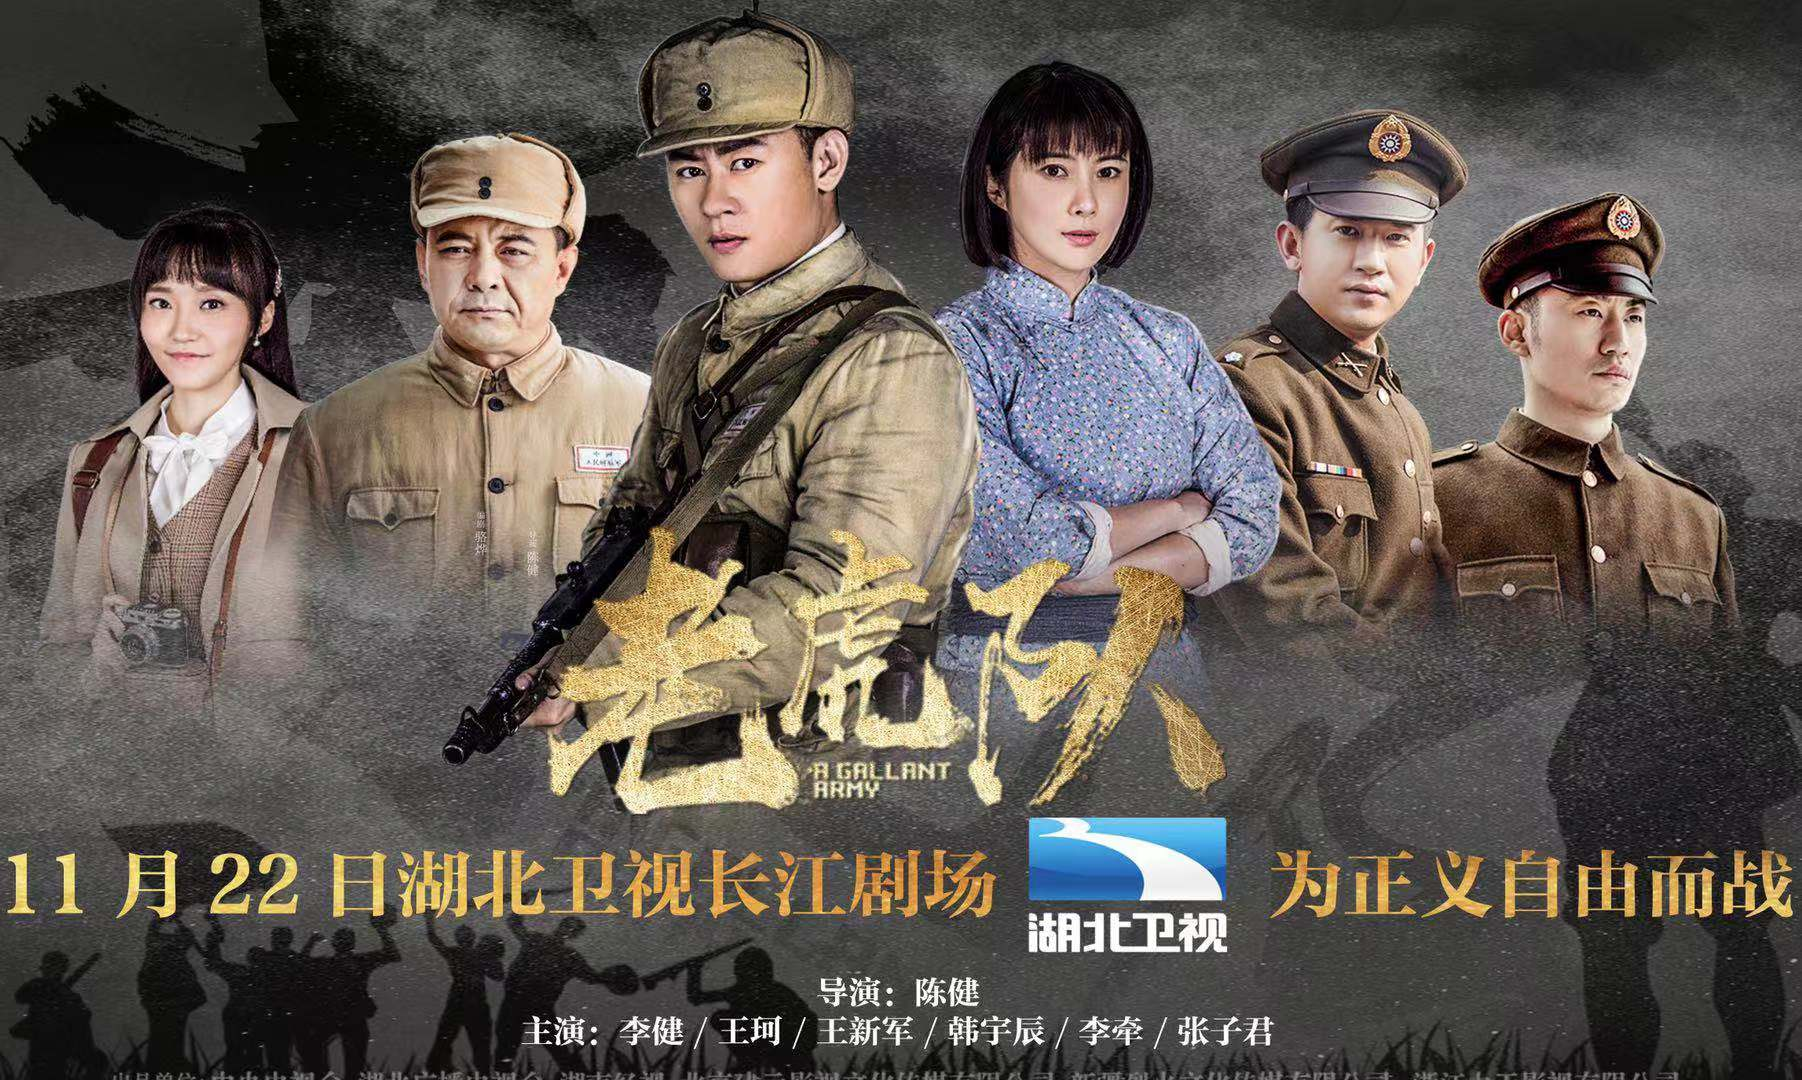 《亮剑》导演新作《老虎队》将播 李健加盟